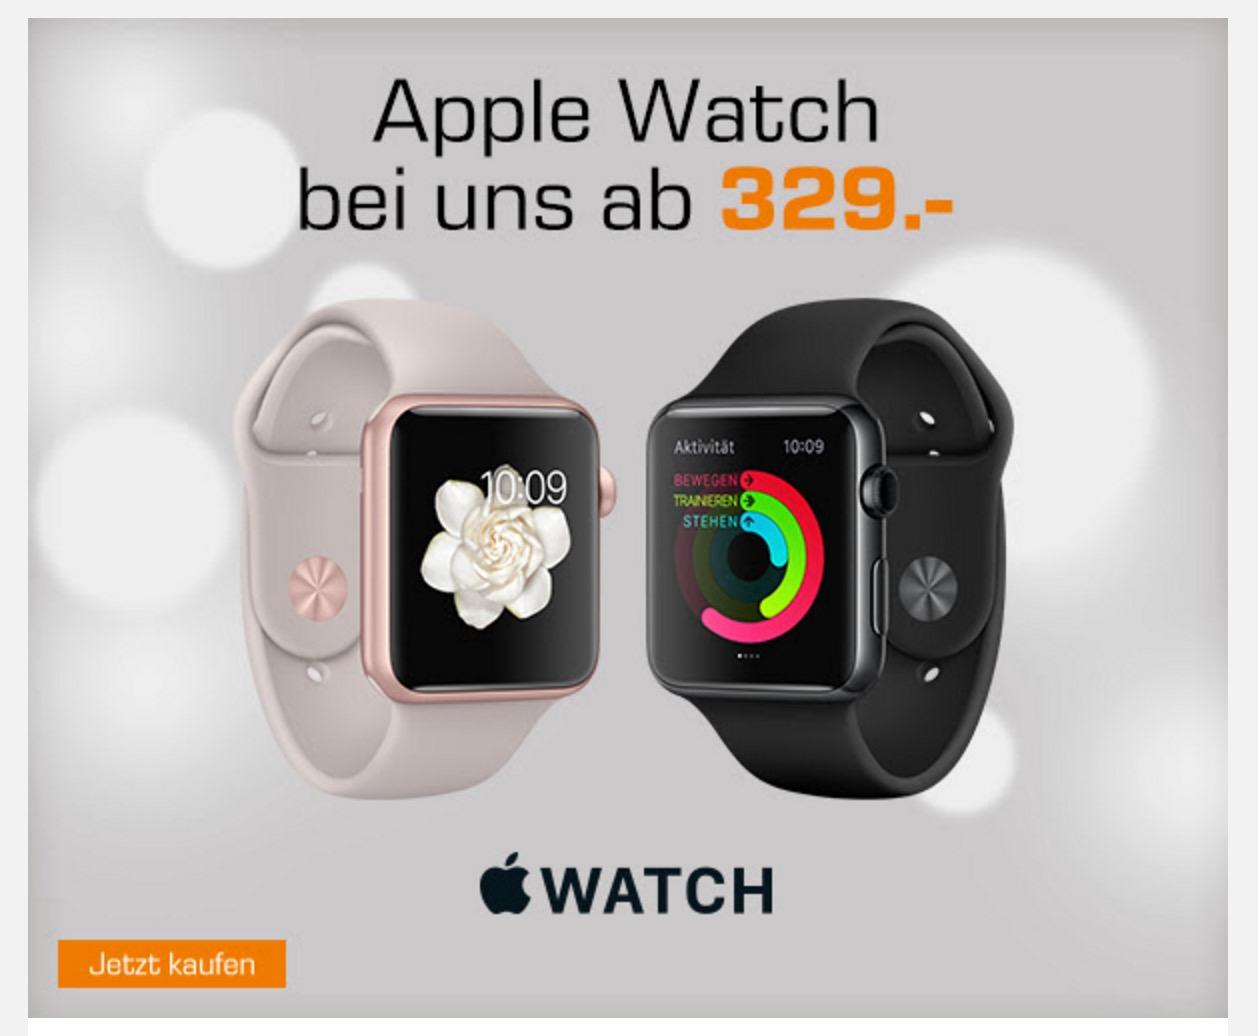 Apple Watch im Angebot